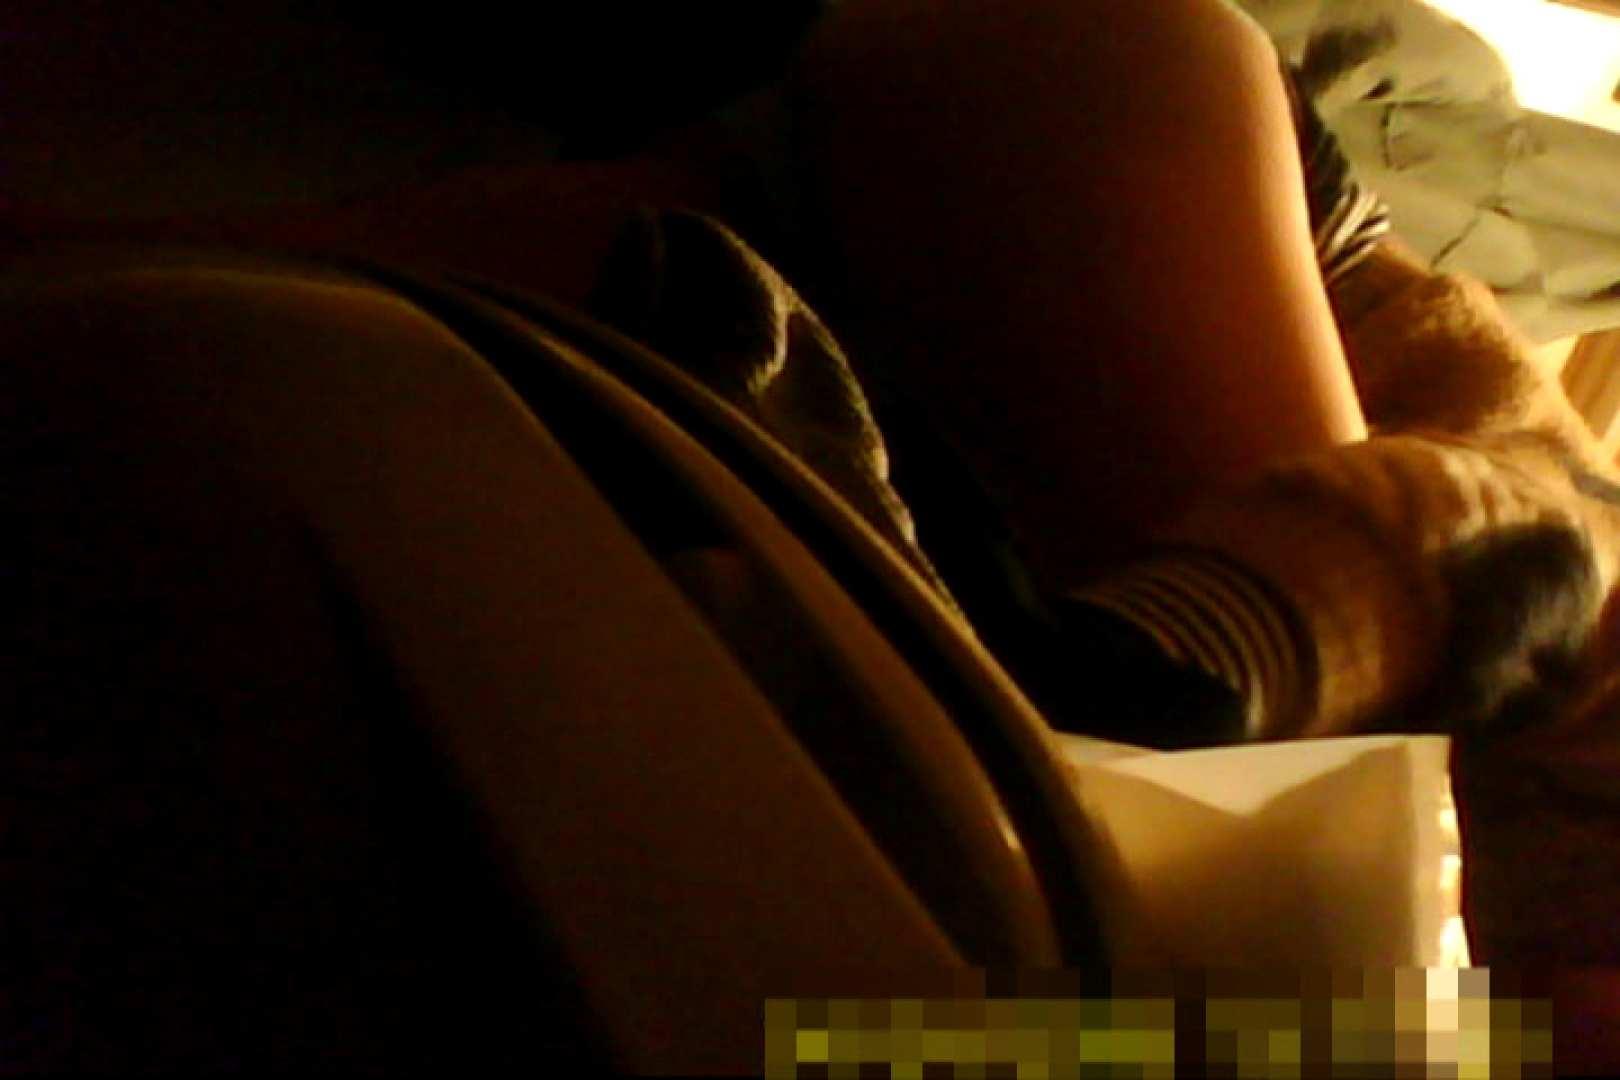 魅惑の化粧室~禁断のプライベート空間~16 プライベート 濡れ場動画紹介 91枚 47